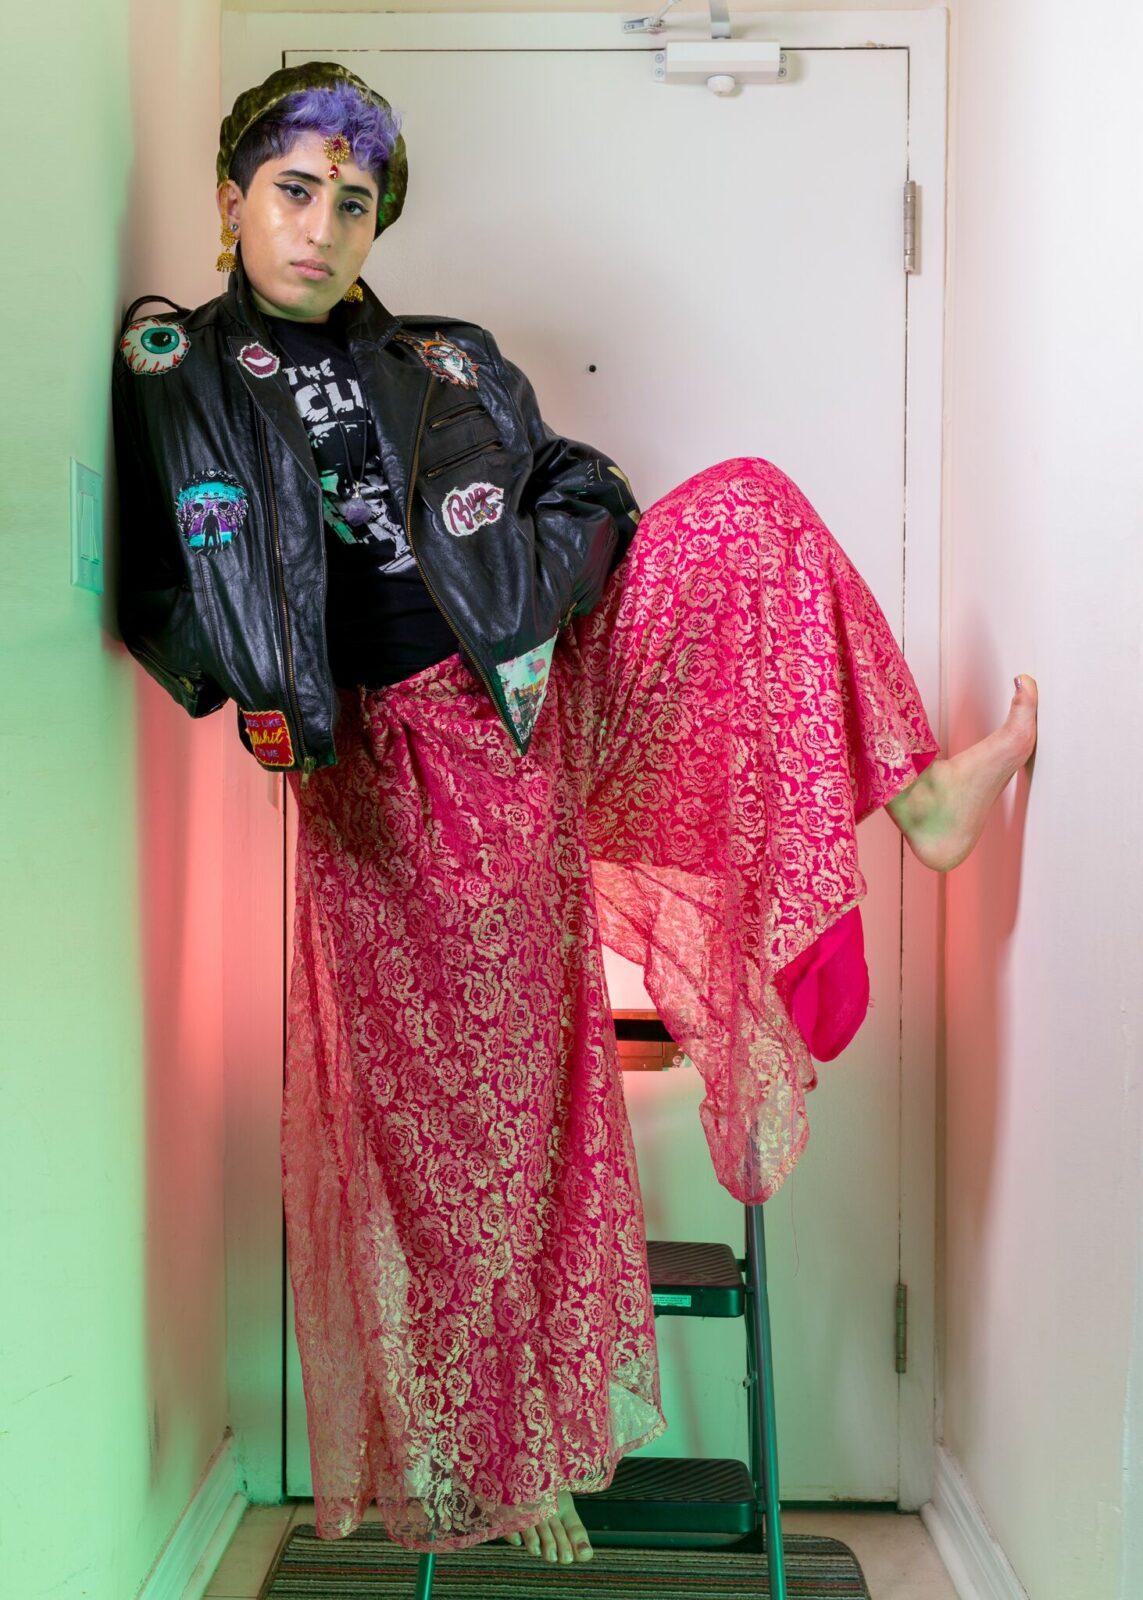 Hana Shafi Frizzkid queer fashion pride toronto